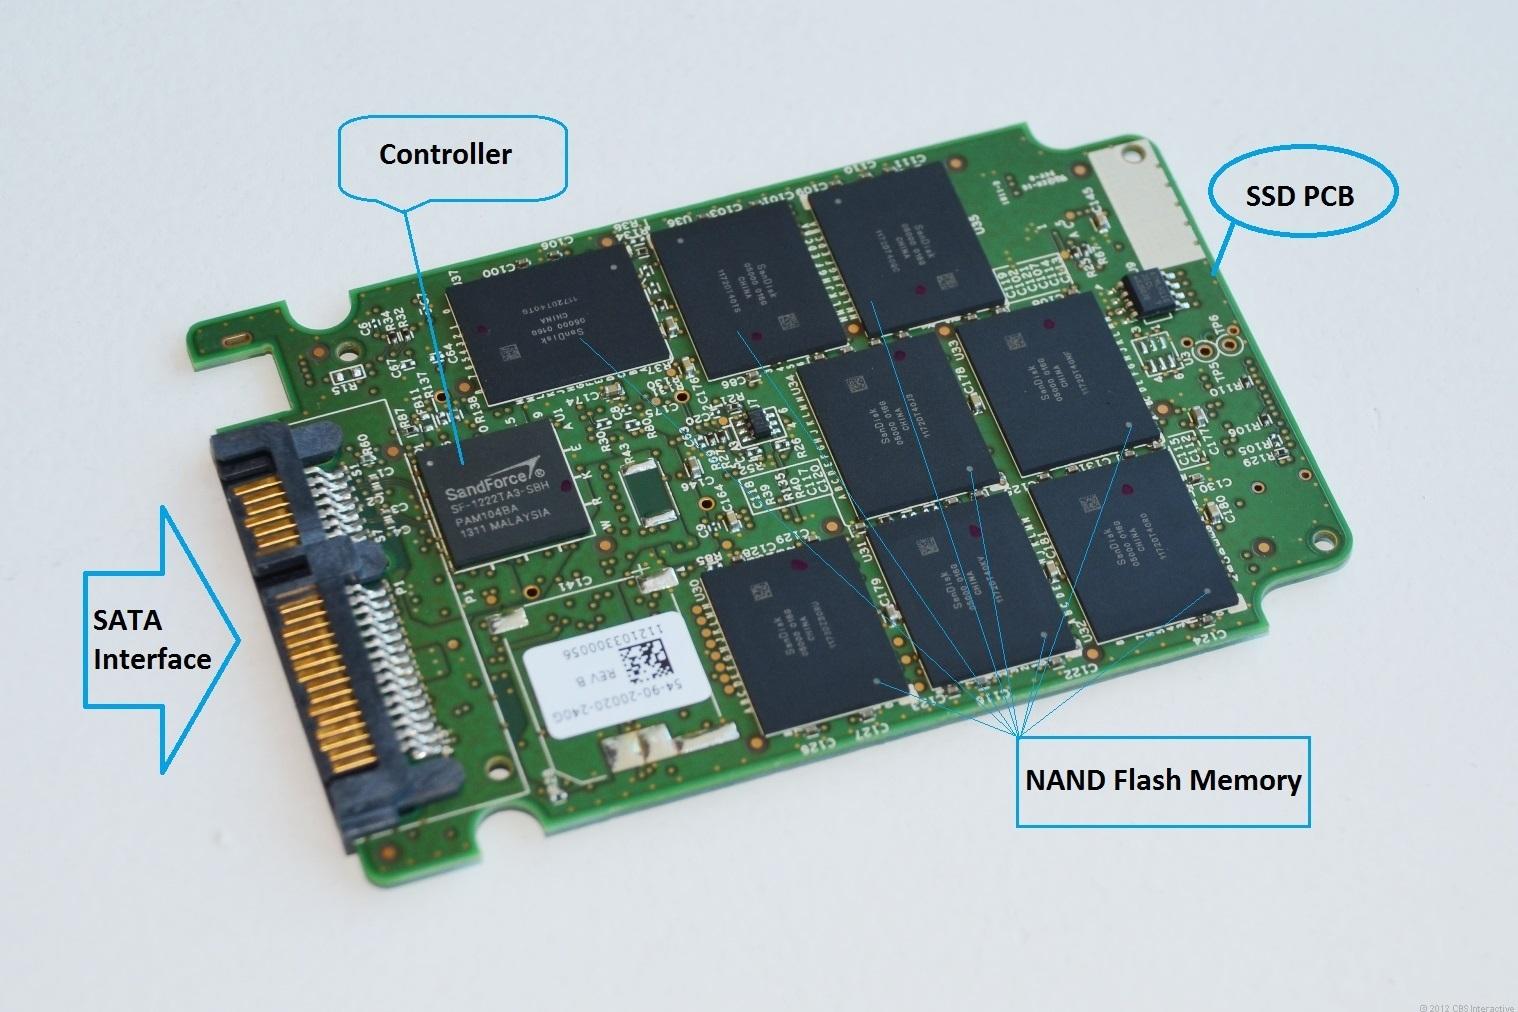 ساختار SSD ها و اجزای درونی آنها